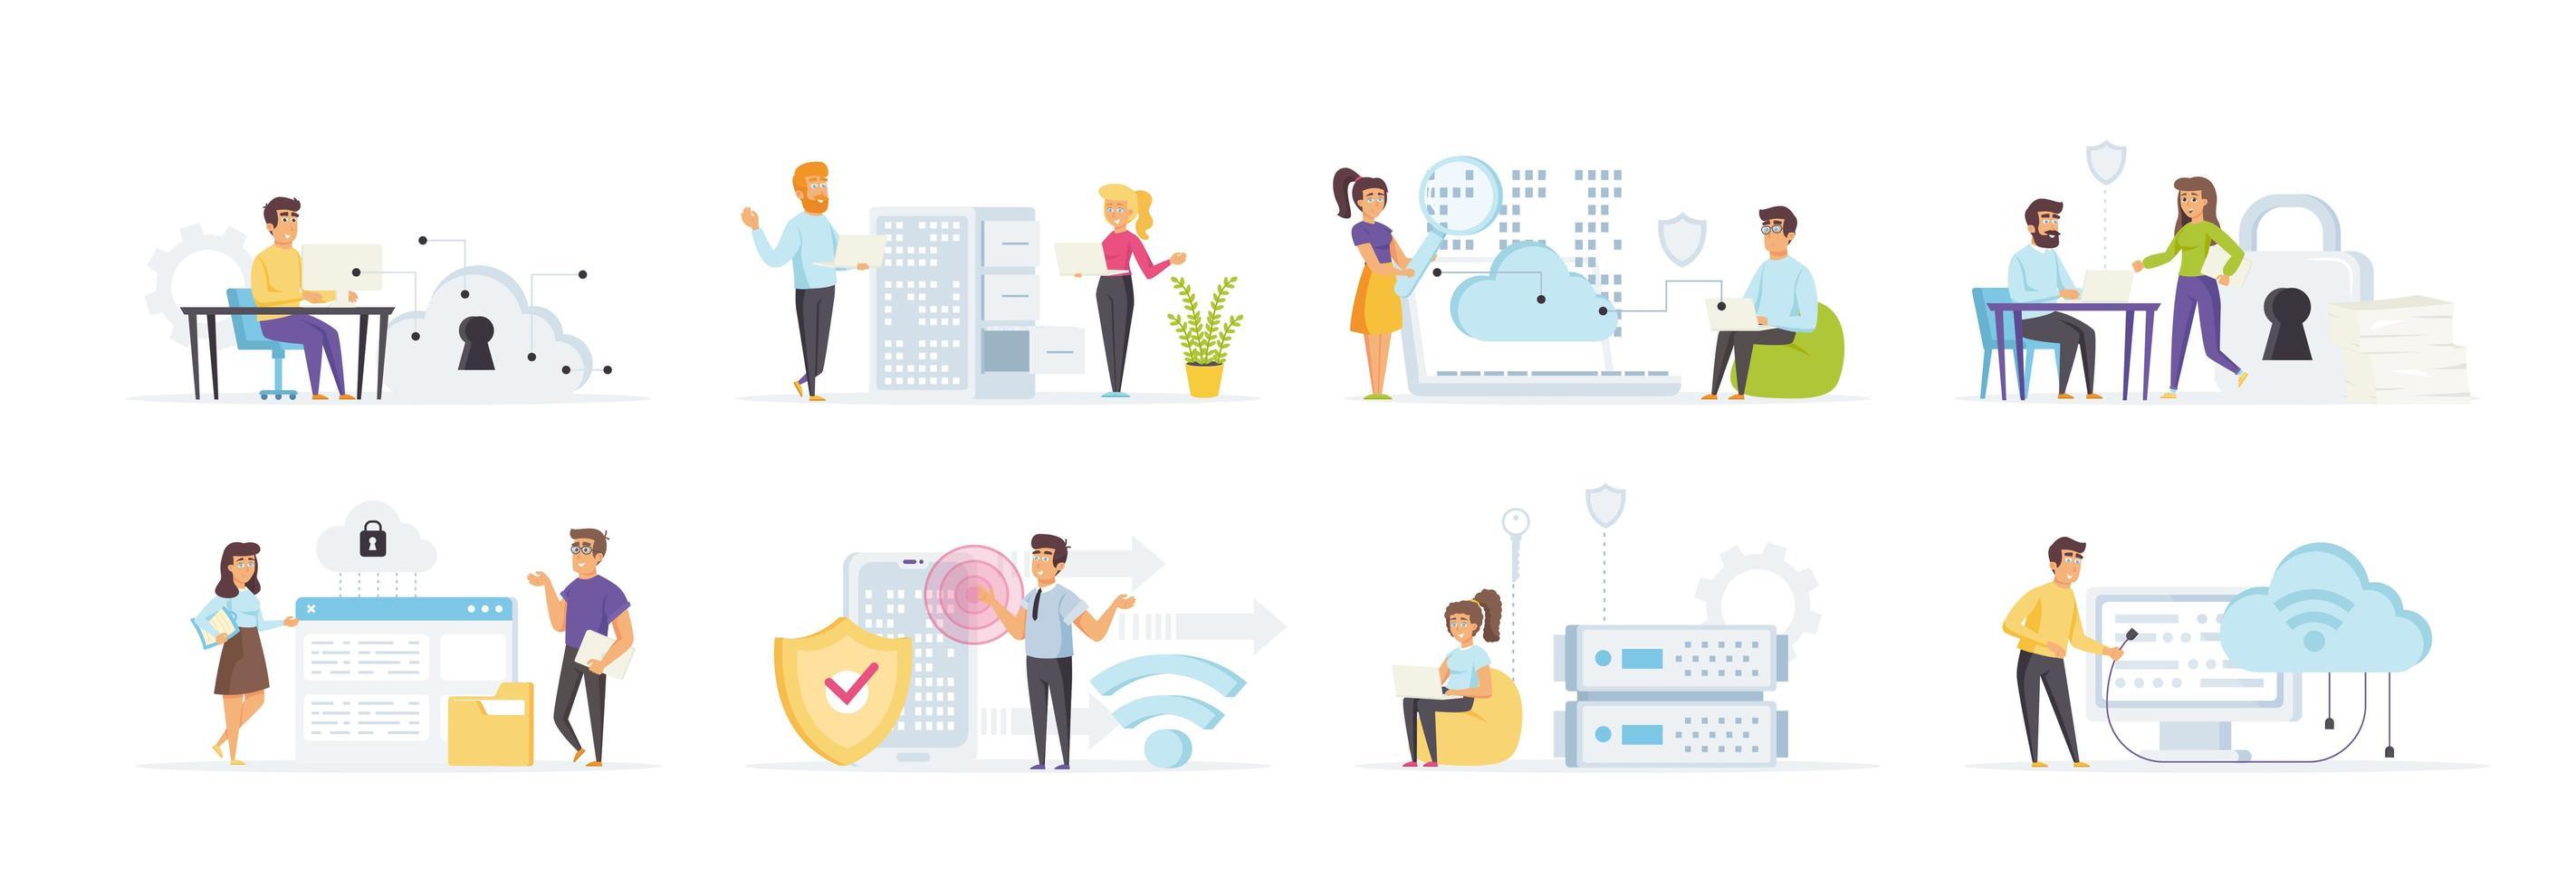 cloud computing avec des personnes dans diverses situations vecteur